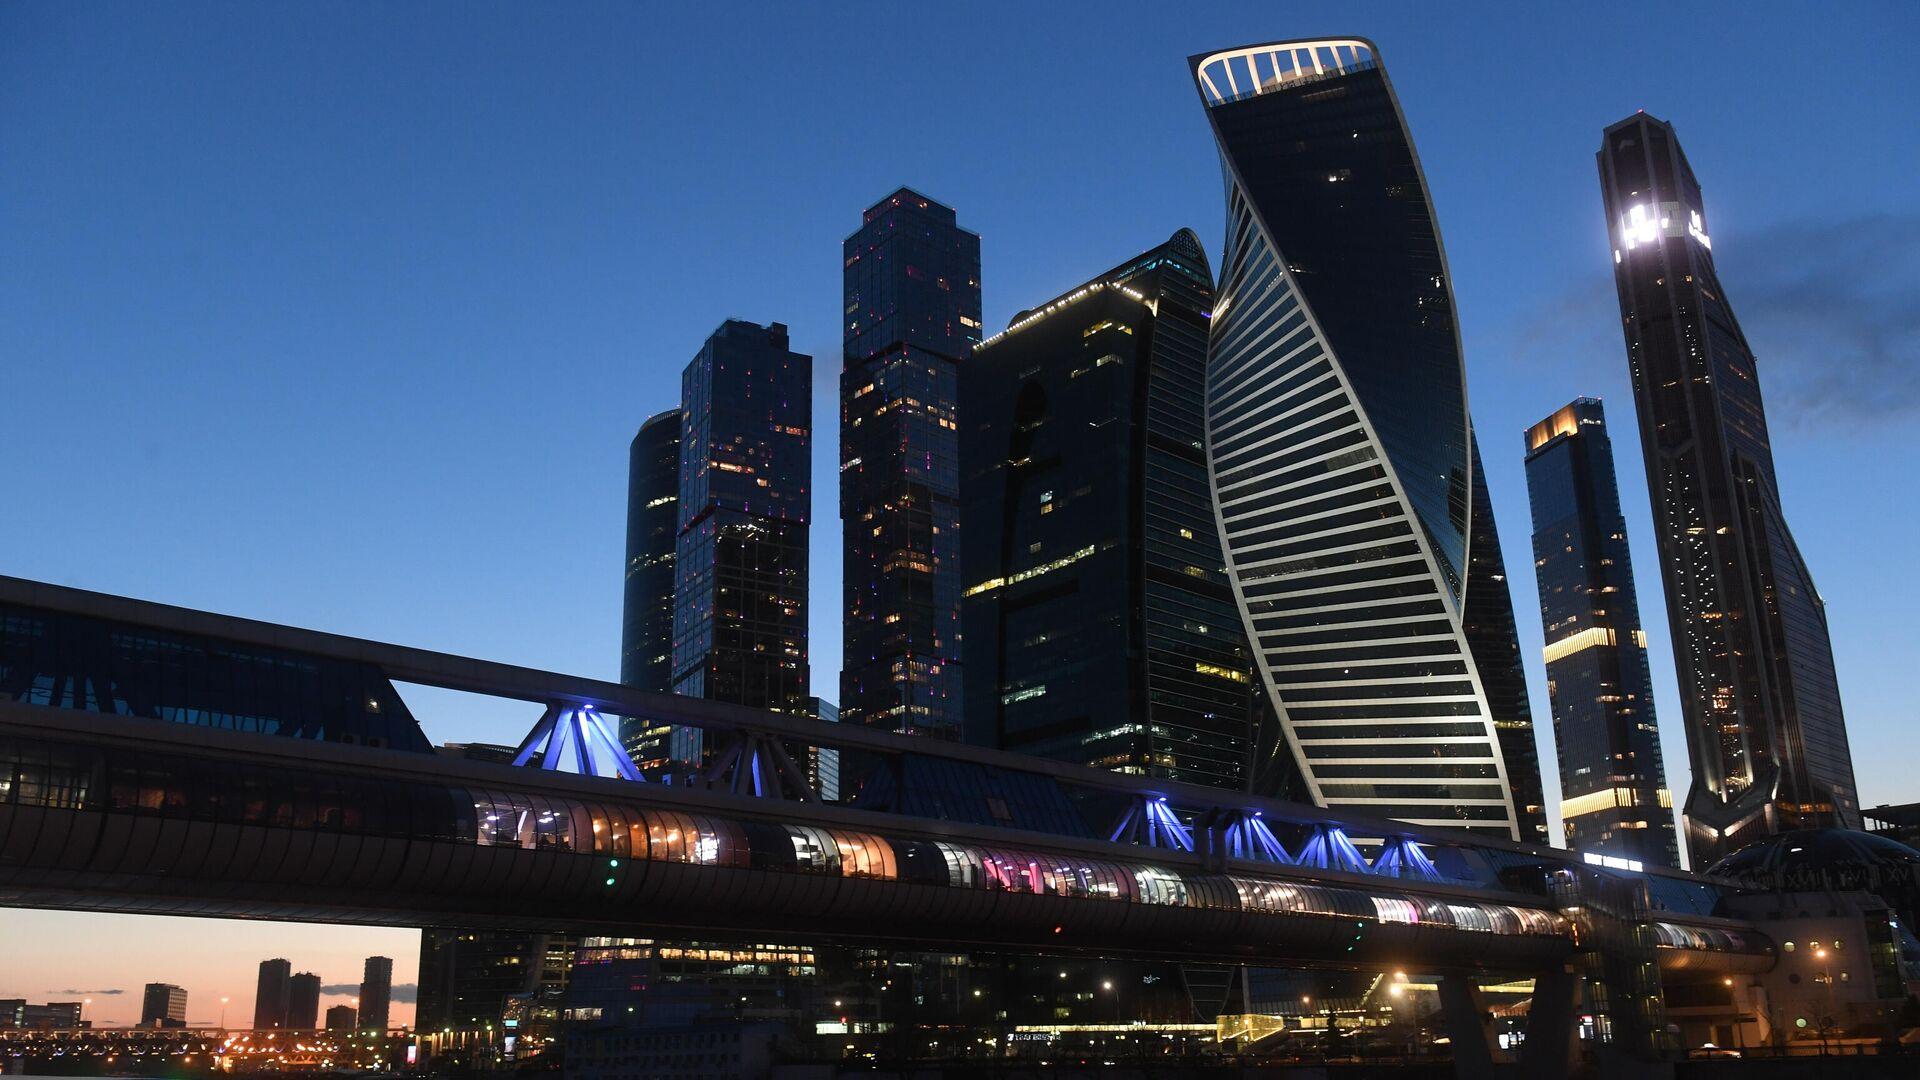 Вид на мост Багратион и московский международный деловой центр Москва-Сити - РИА Новости, 1920, 21.04.2021